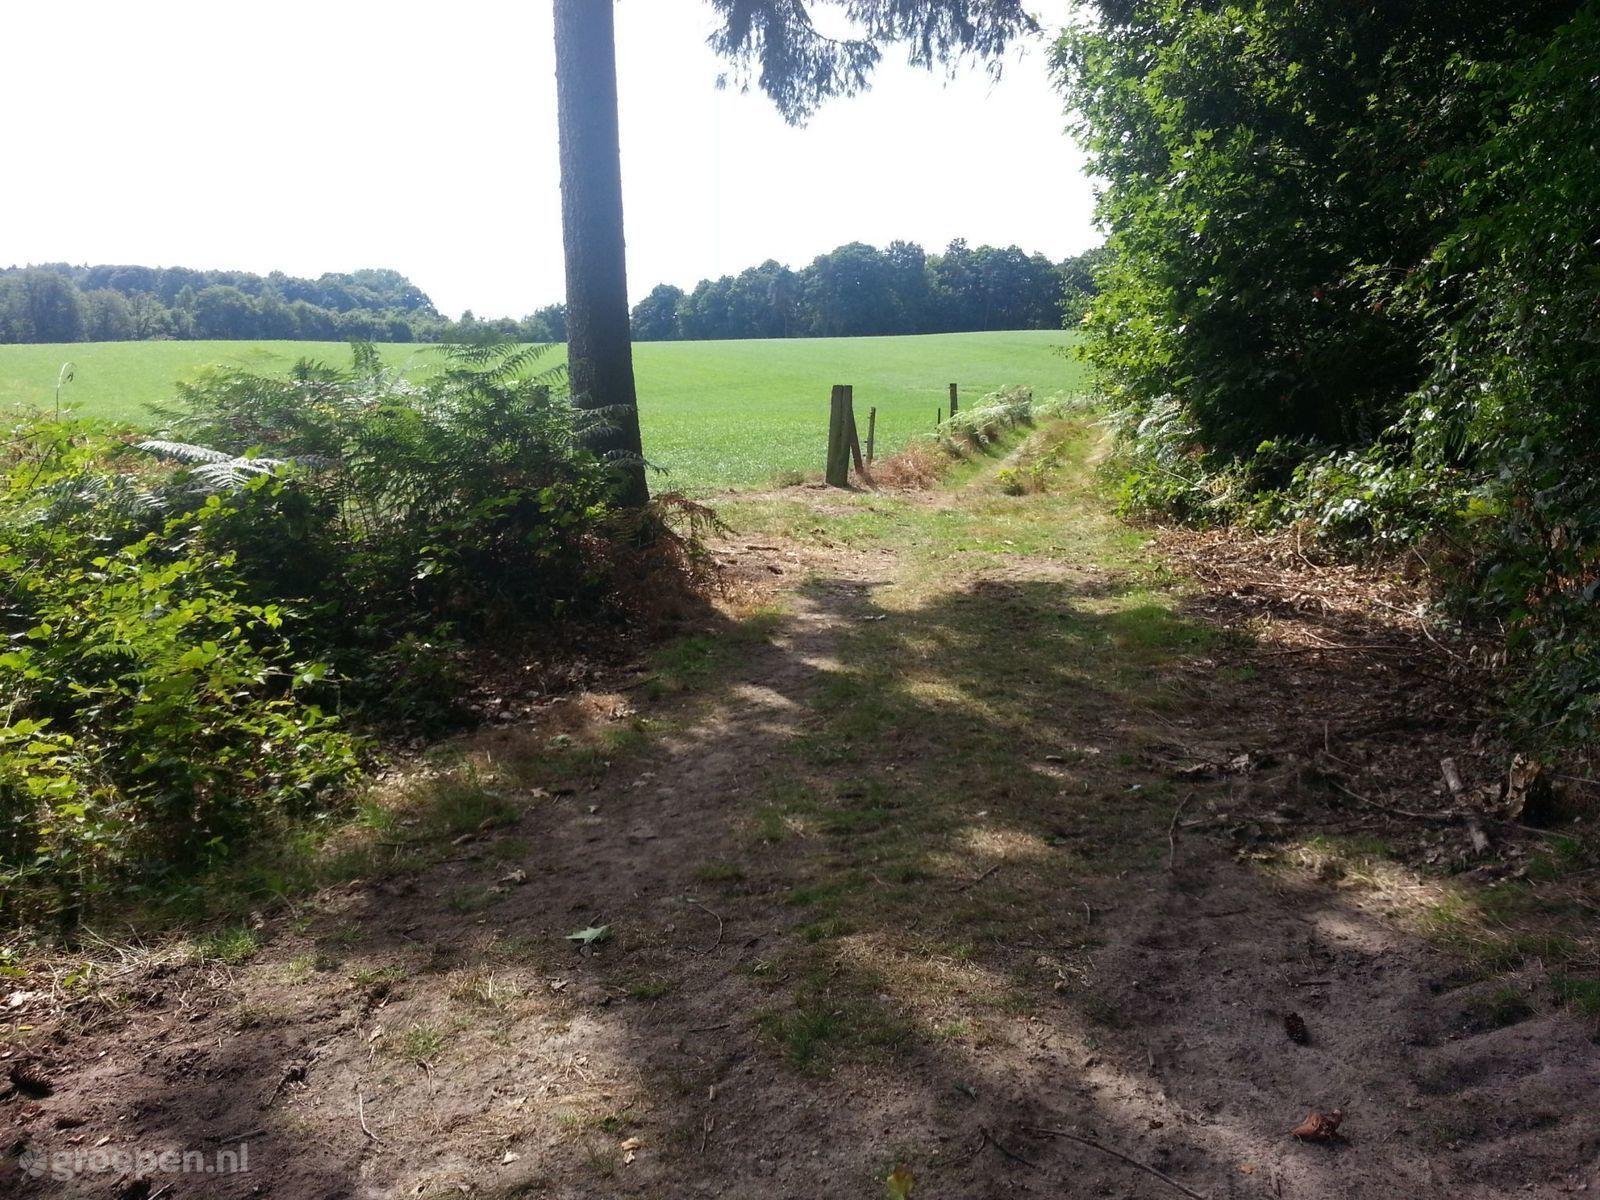 Groepsaccommodatie Winterswijk-Woold